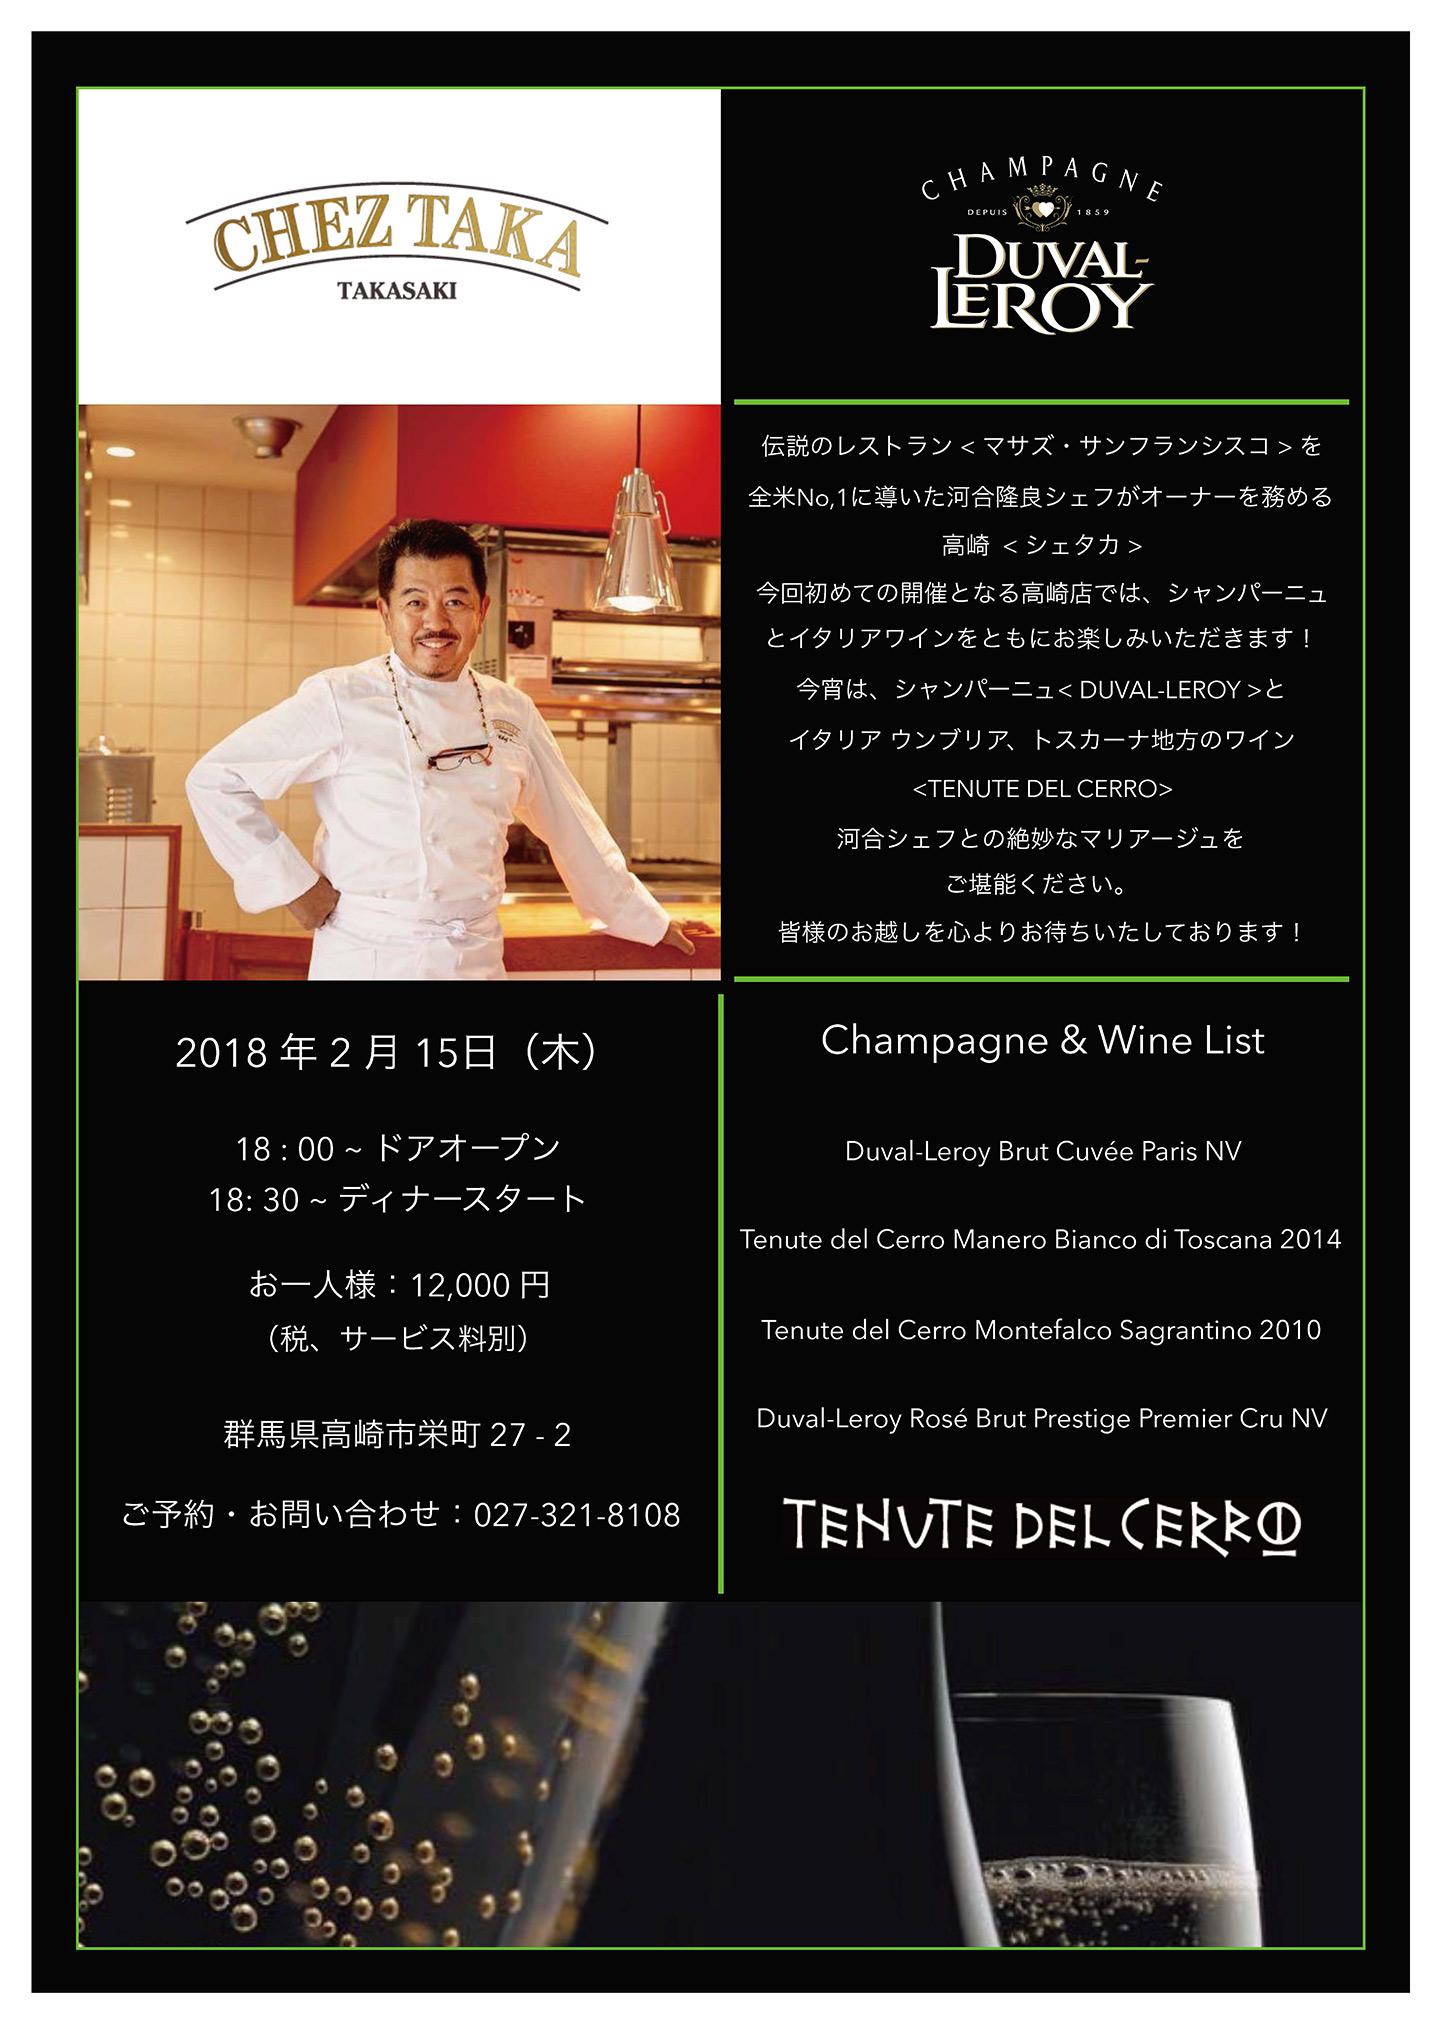 DUVAL-LEROY-Chez-Taka-Takasaki--1